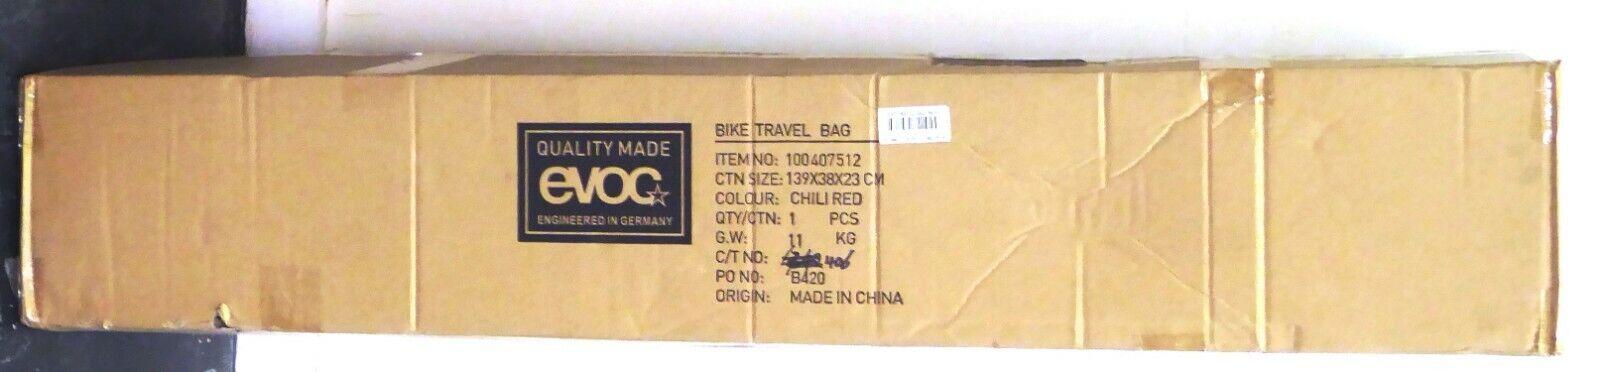 EVOC Bike Travel Bag Red Chili